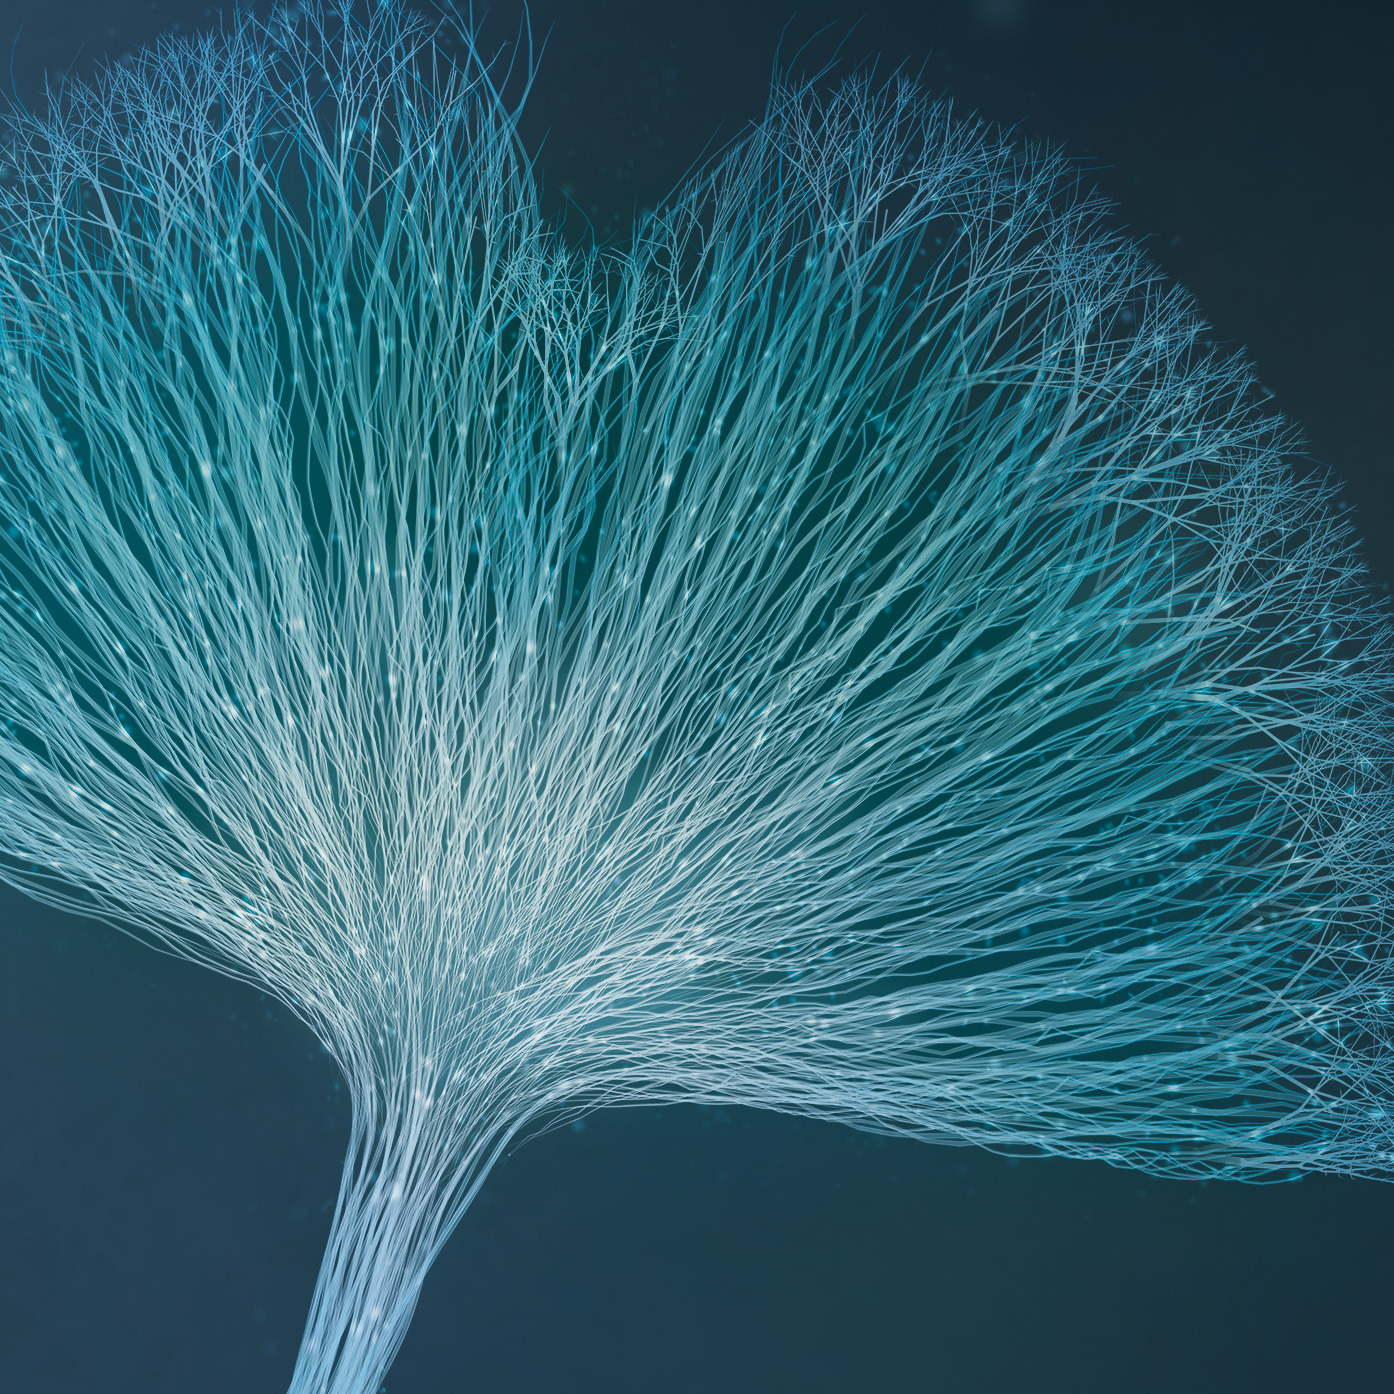 Das Symfona Key Visual stellt ein neuronales Nervensystem in Form eines Ginkgoblatts dar und vereint Wissenschaft & Emotion.